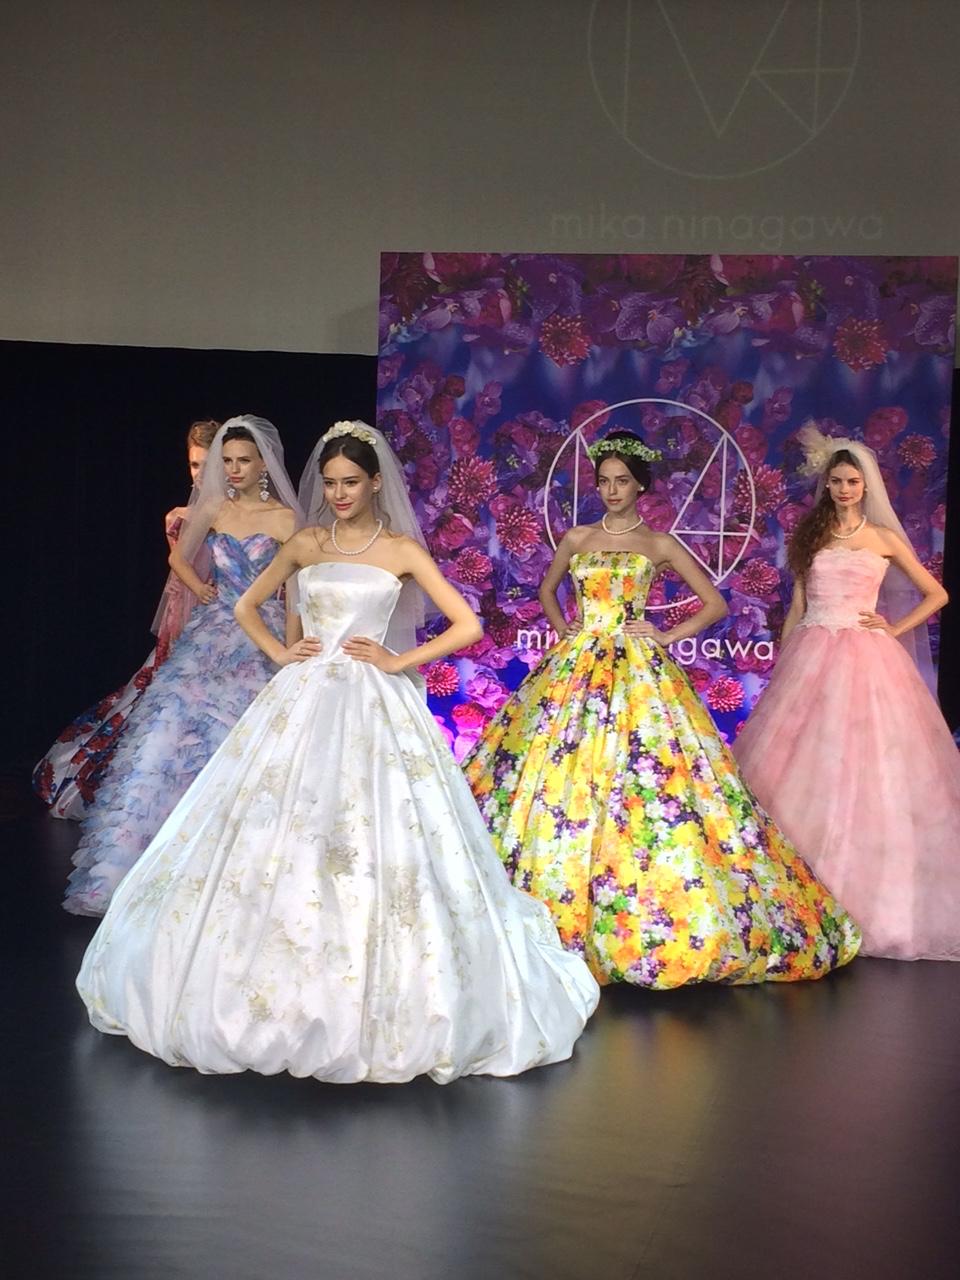 蜷川実花さんの世界をウェディングにも! 美しすぎるドレスにうっとり♡_4